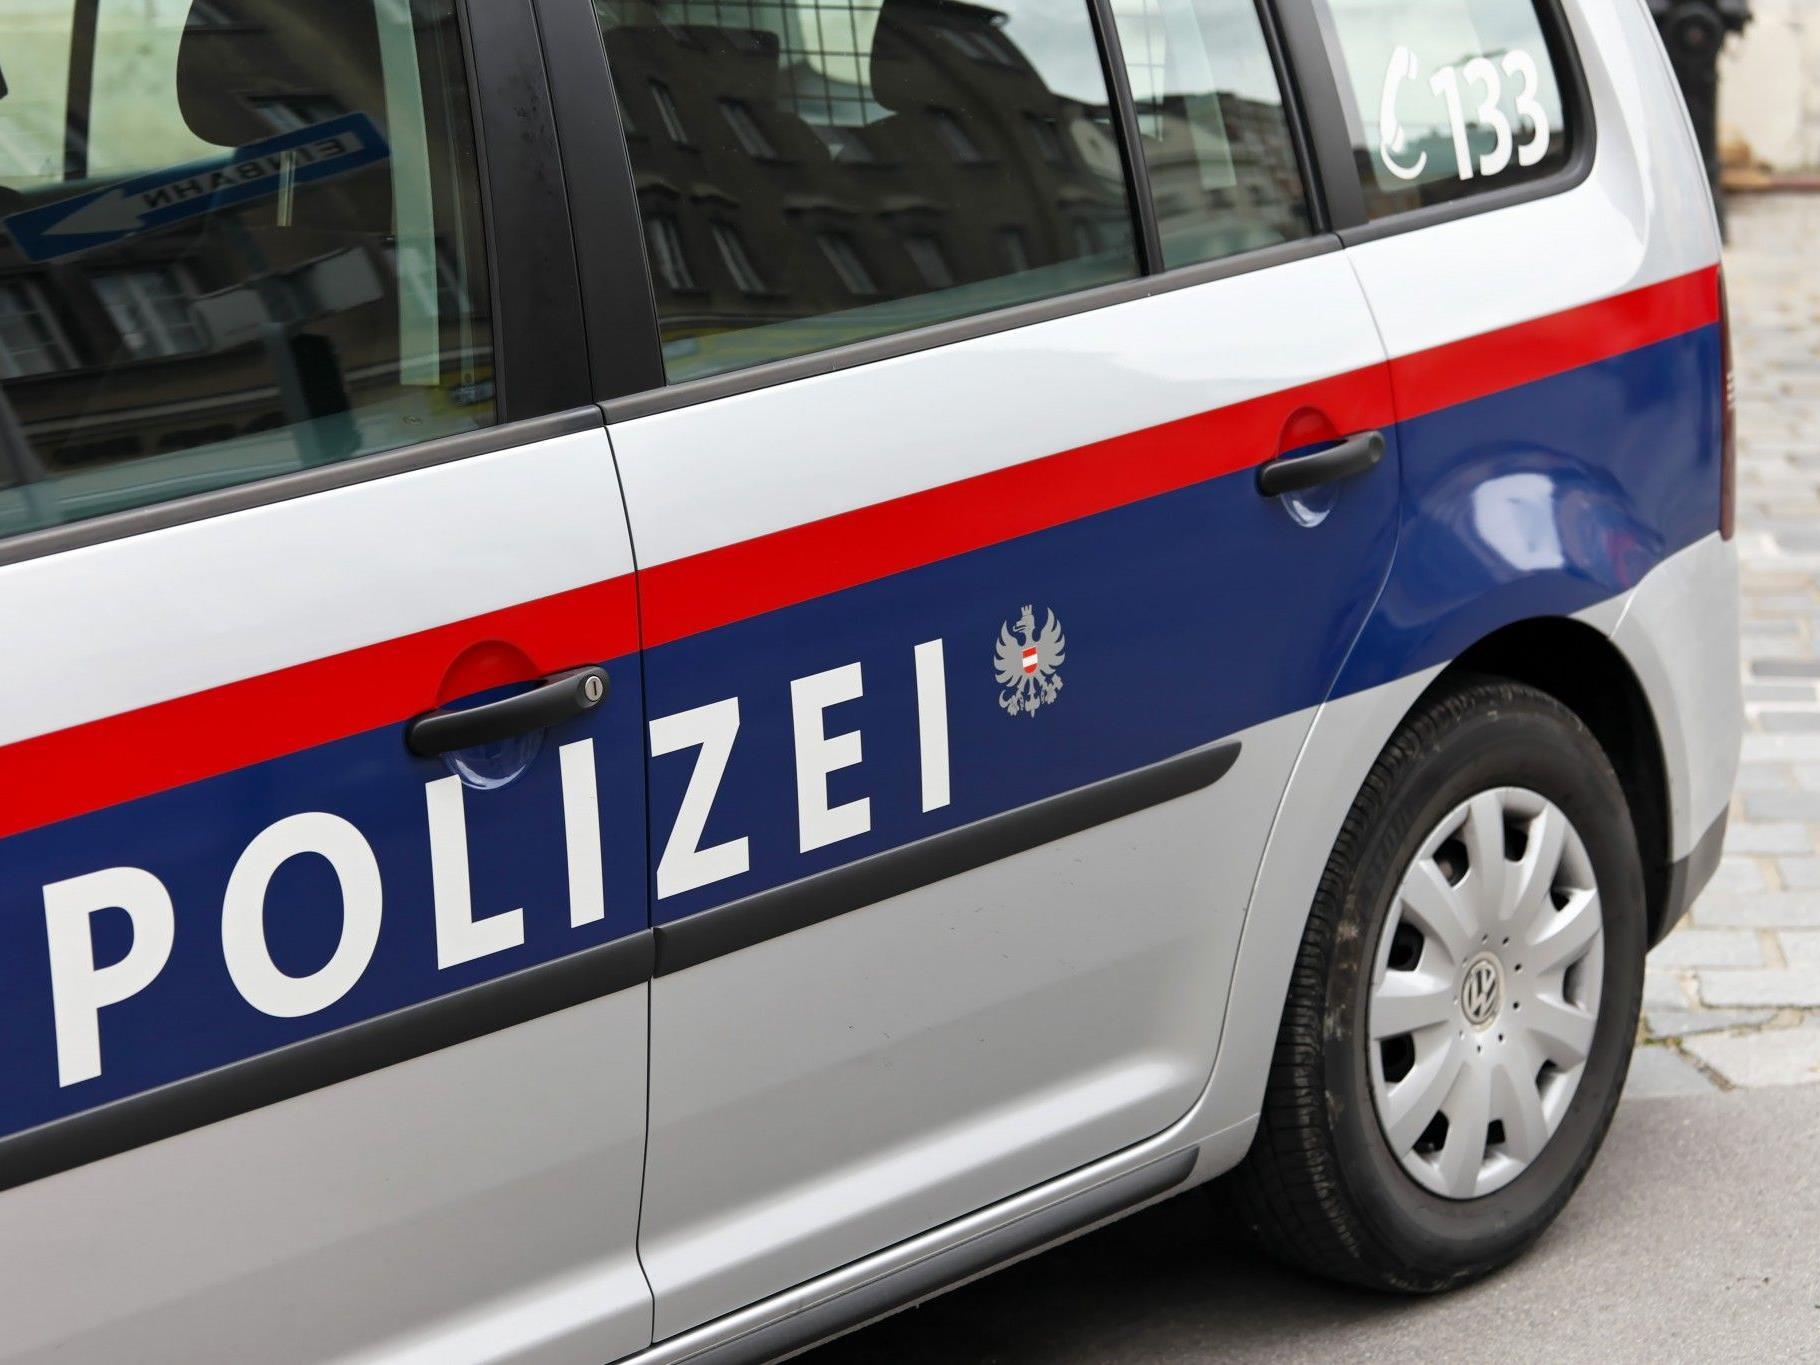 Mädchen abgedrängt: Die Polizei sucht nach einem Lieferwagen mit Bregenzer Kennzeichen.